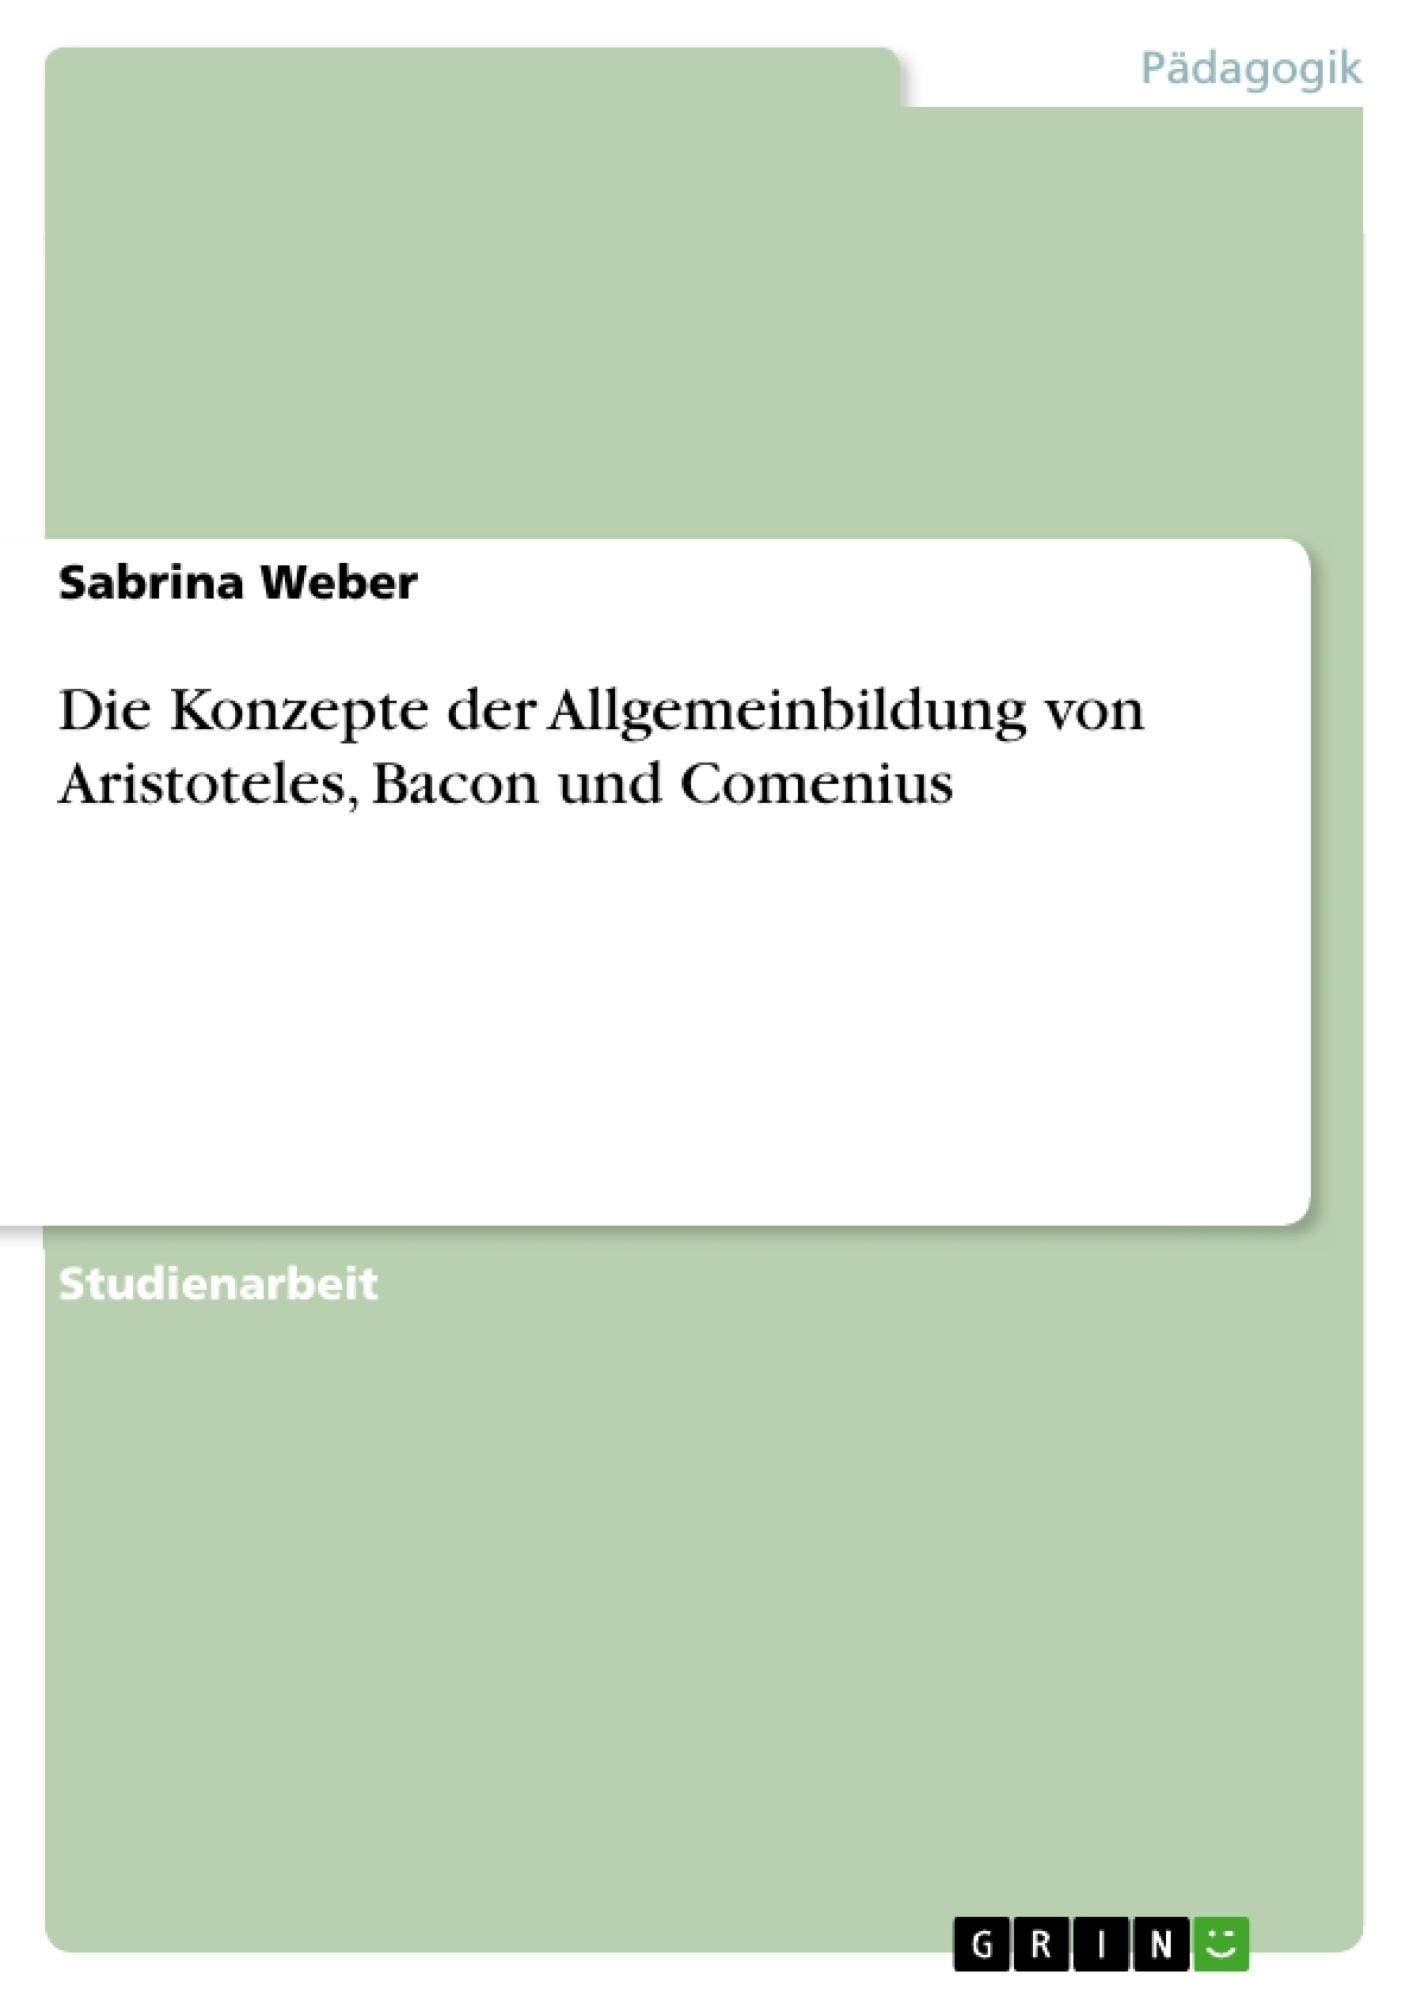 Titel: Die Konzepte der Allgemeinbildung von Aristoteles, Bacon und Comenius